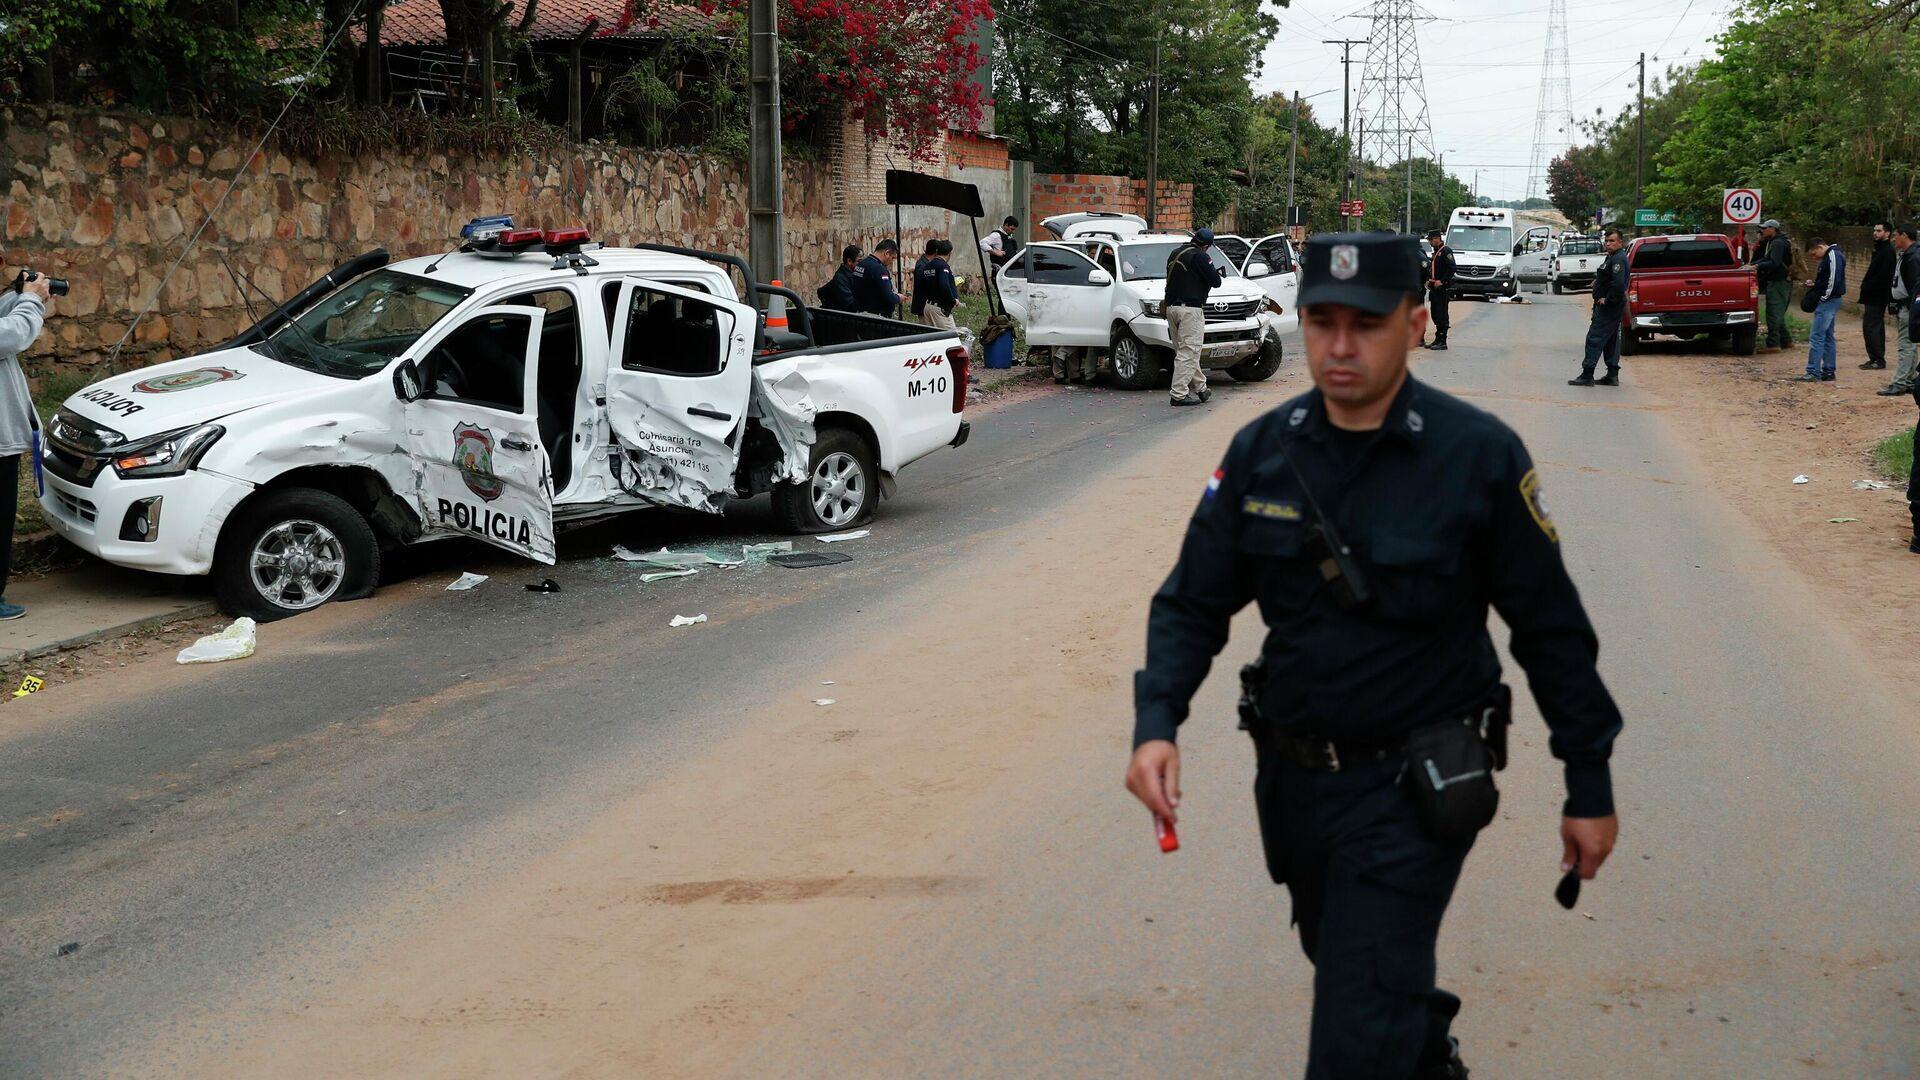 Camioneta policial destrozada tras el ataque de un grupo criminal para liberar al líder narco Teófilo Samudio (archivo) - Sputnik Mundo, 1920, 30.03.2021